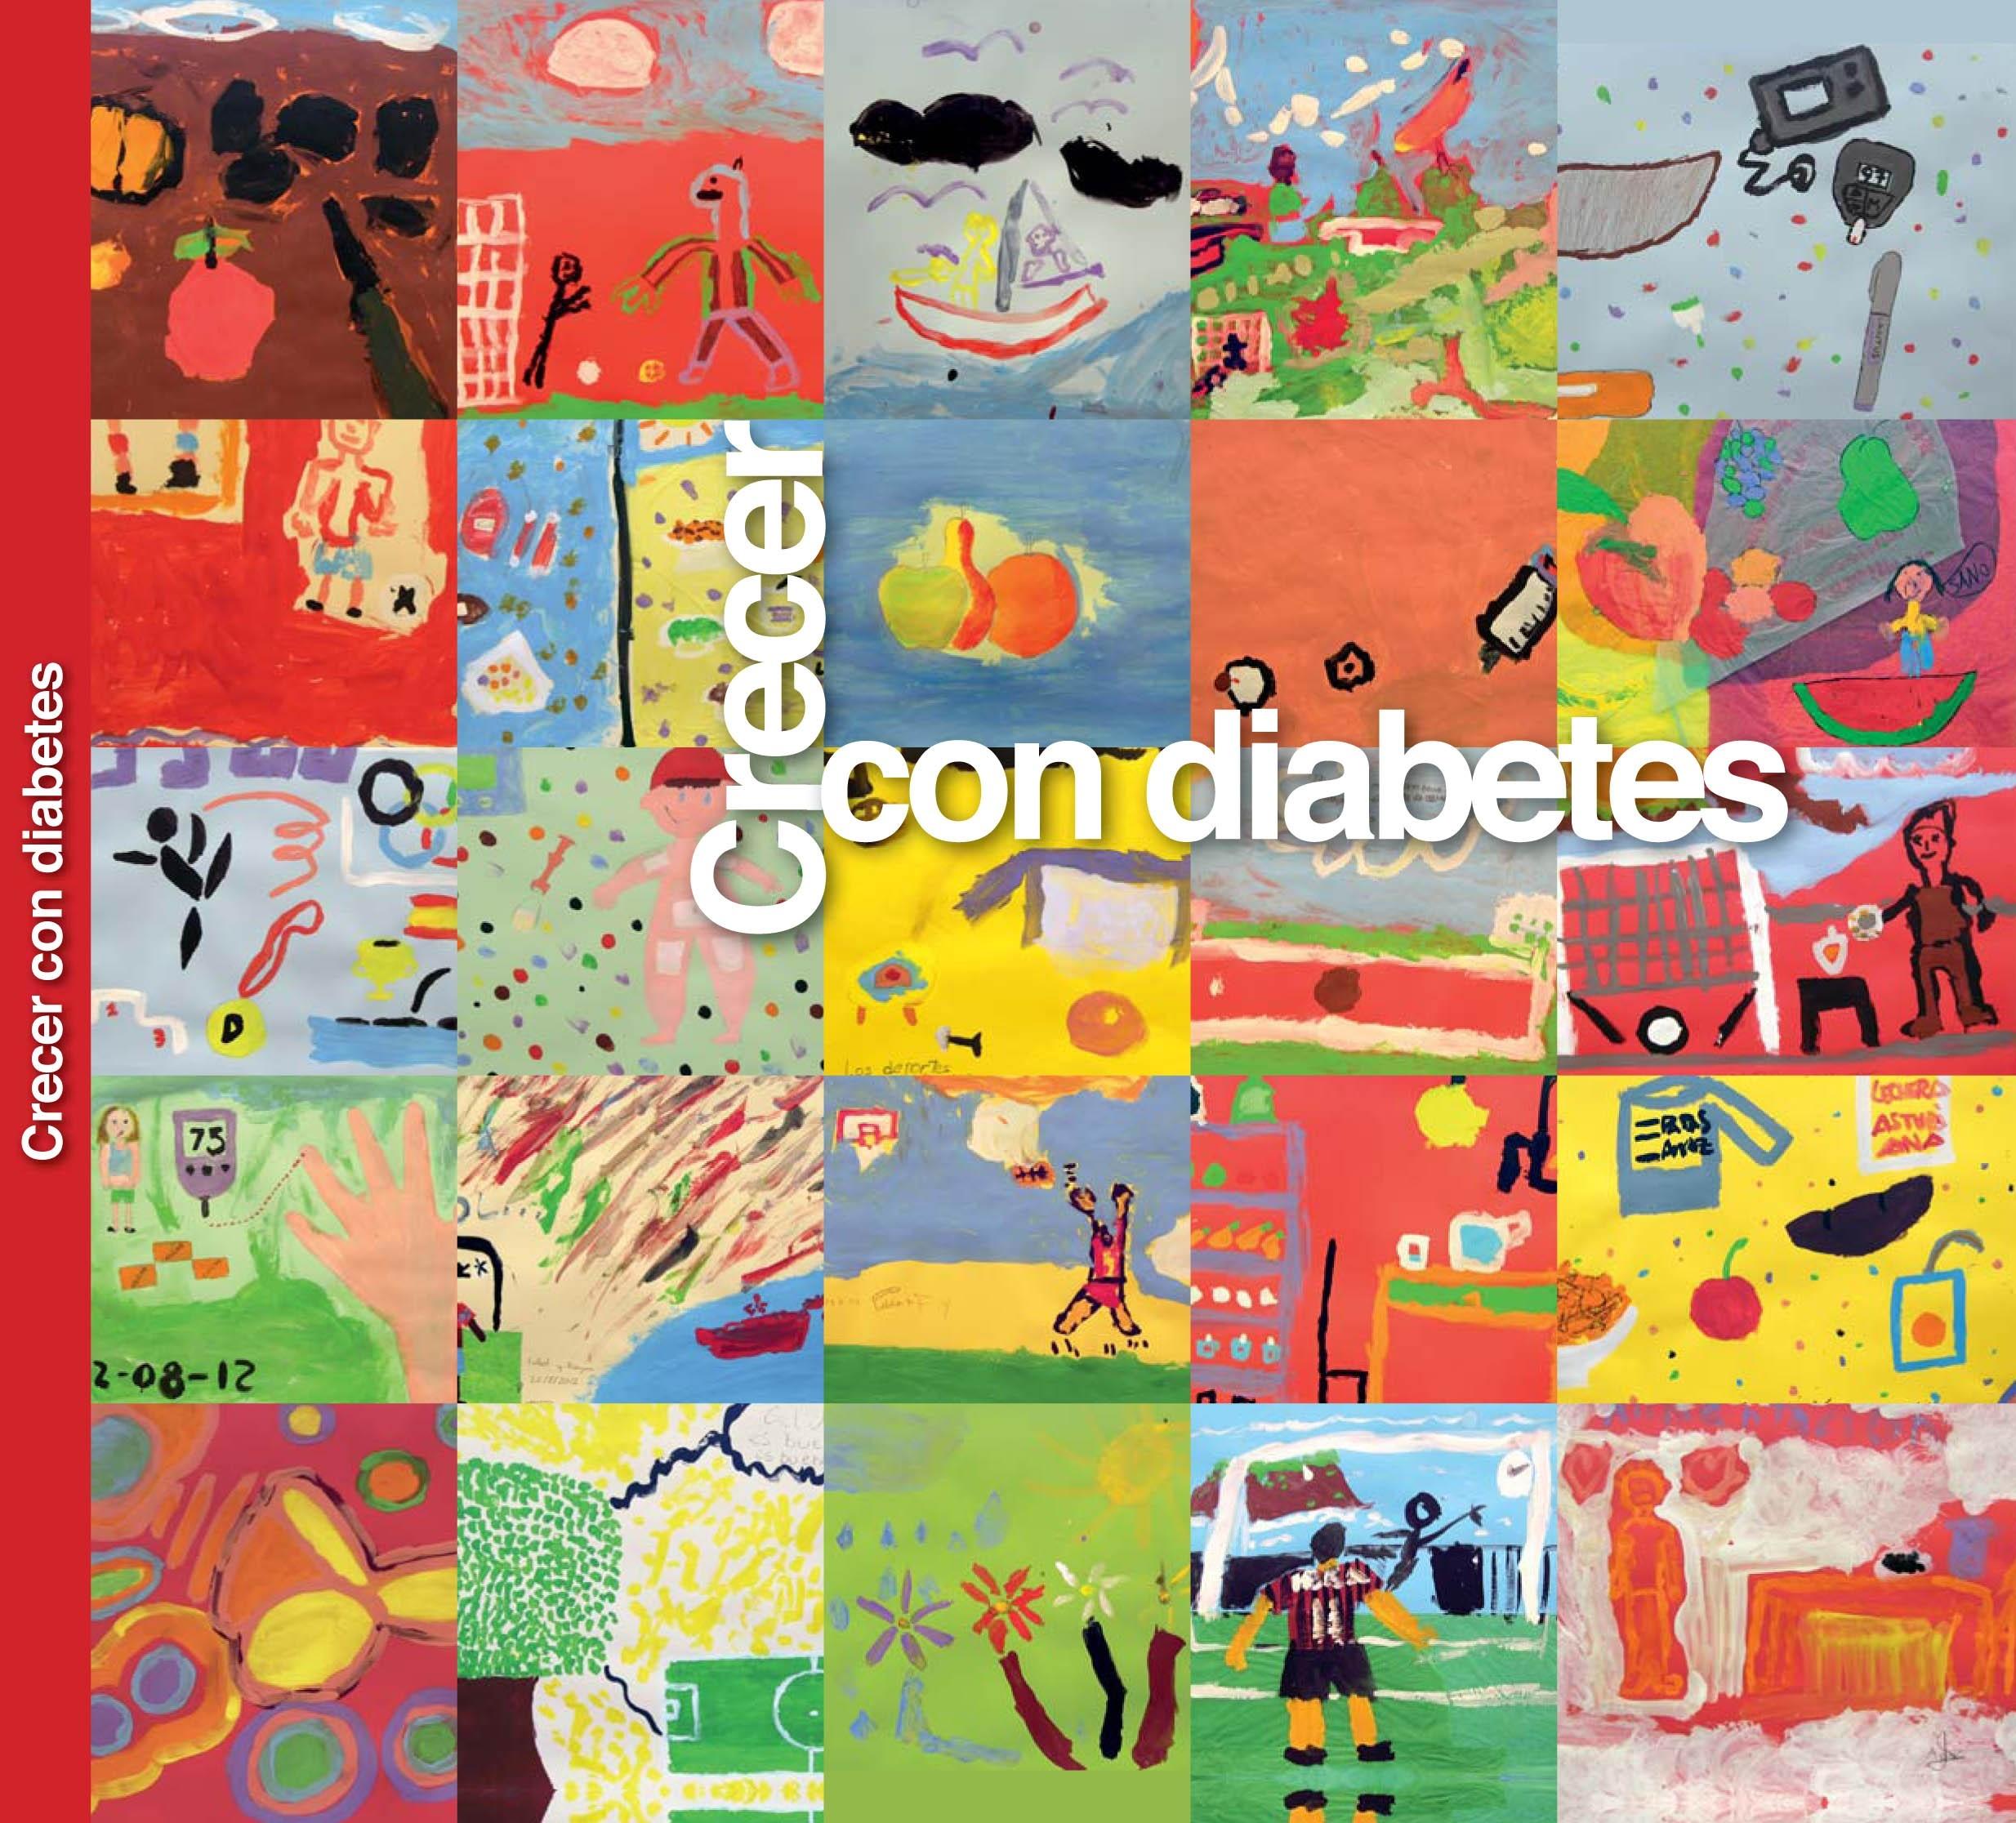 Más de veinte jóvenes con diabetes protagonizan el primer libro en España de relatos sobre la enfermedad